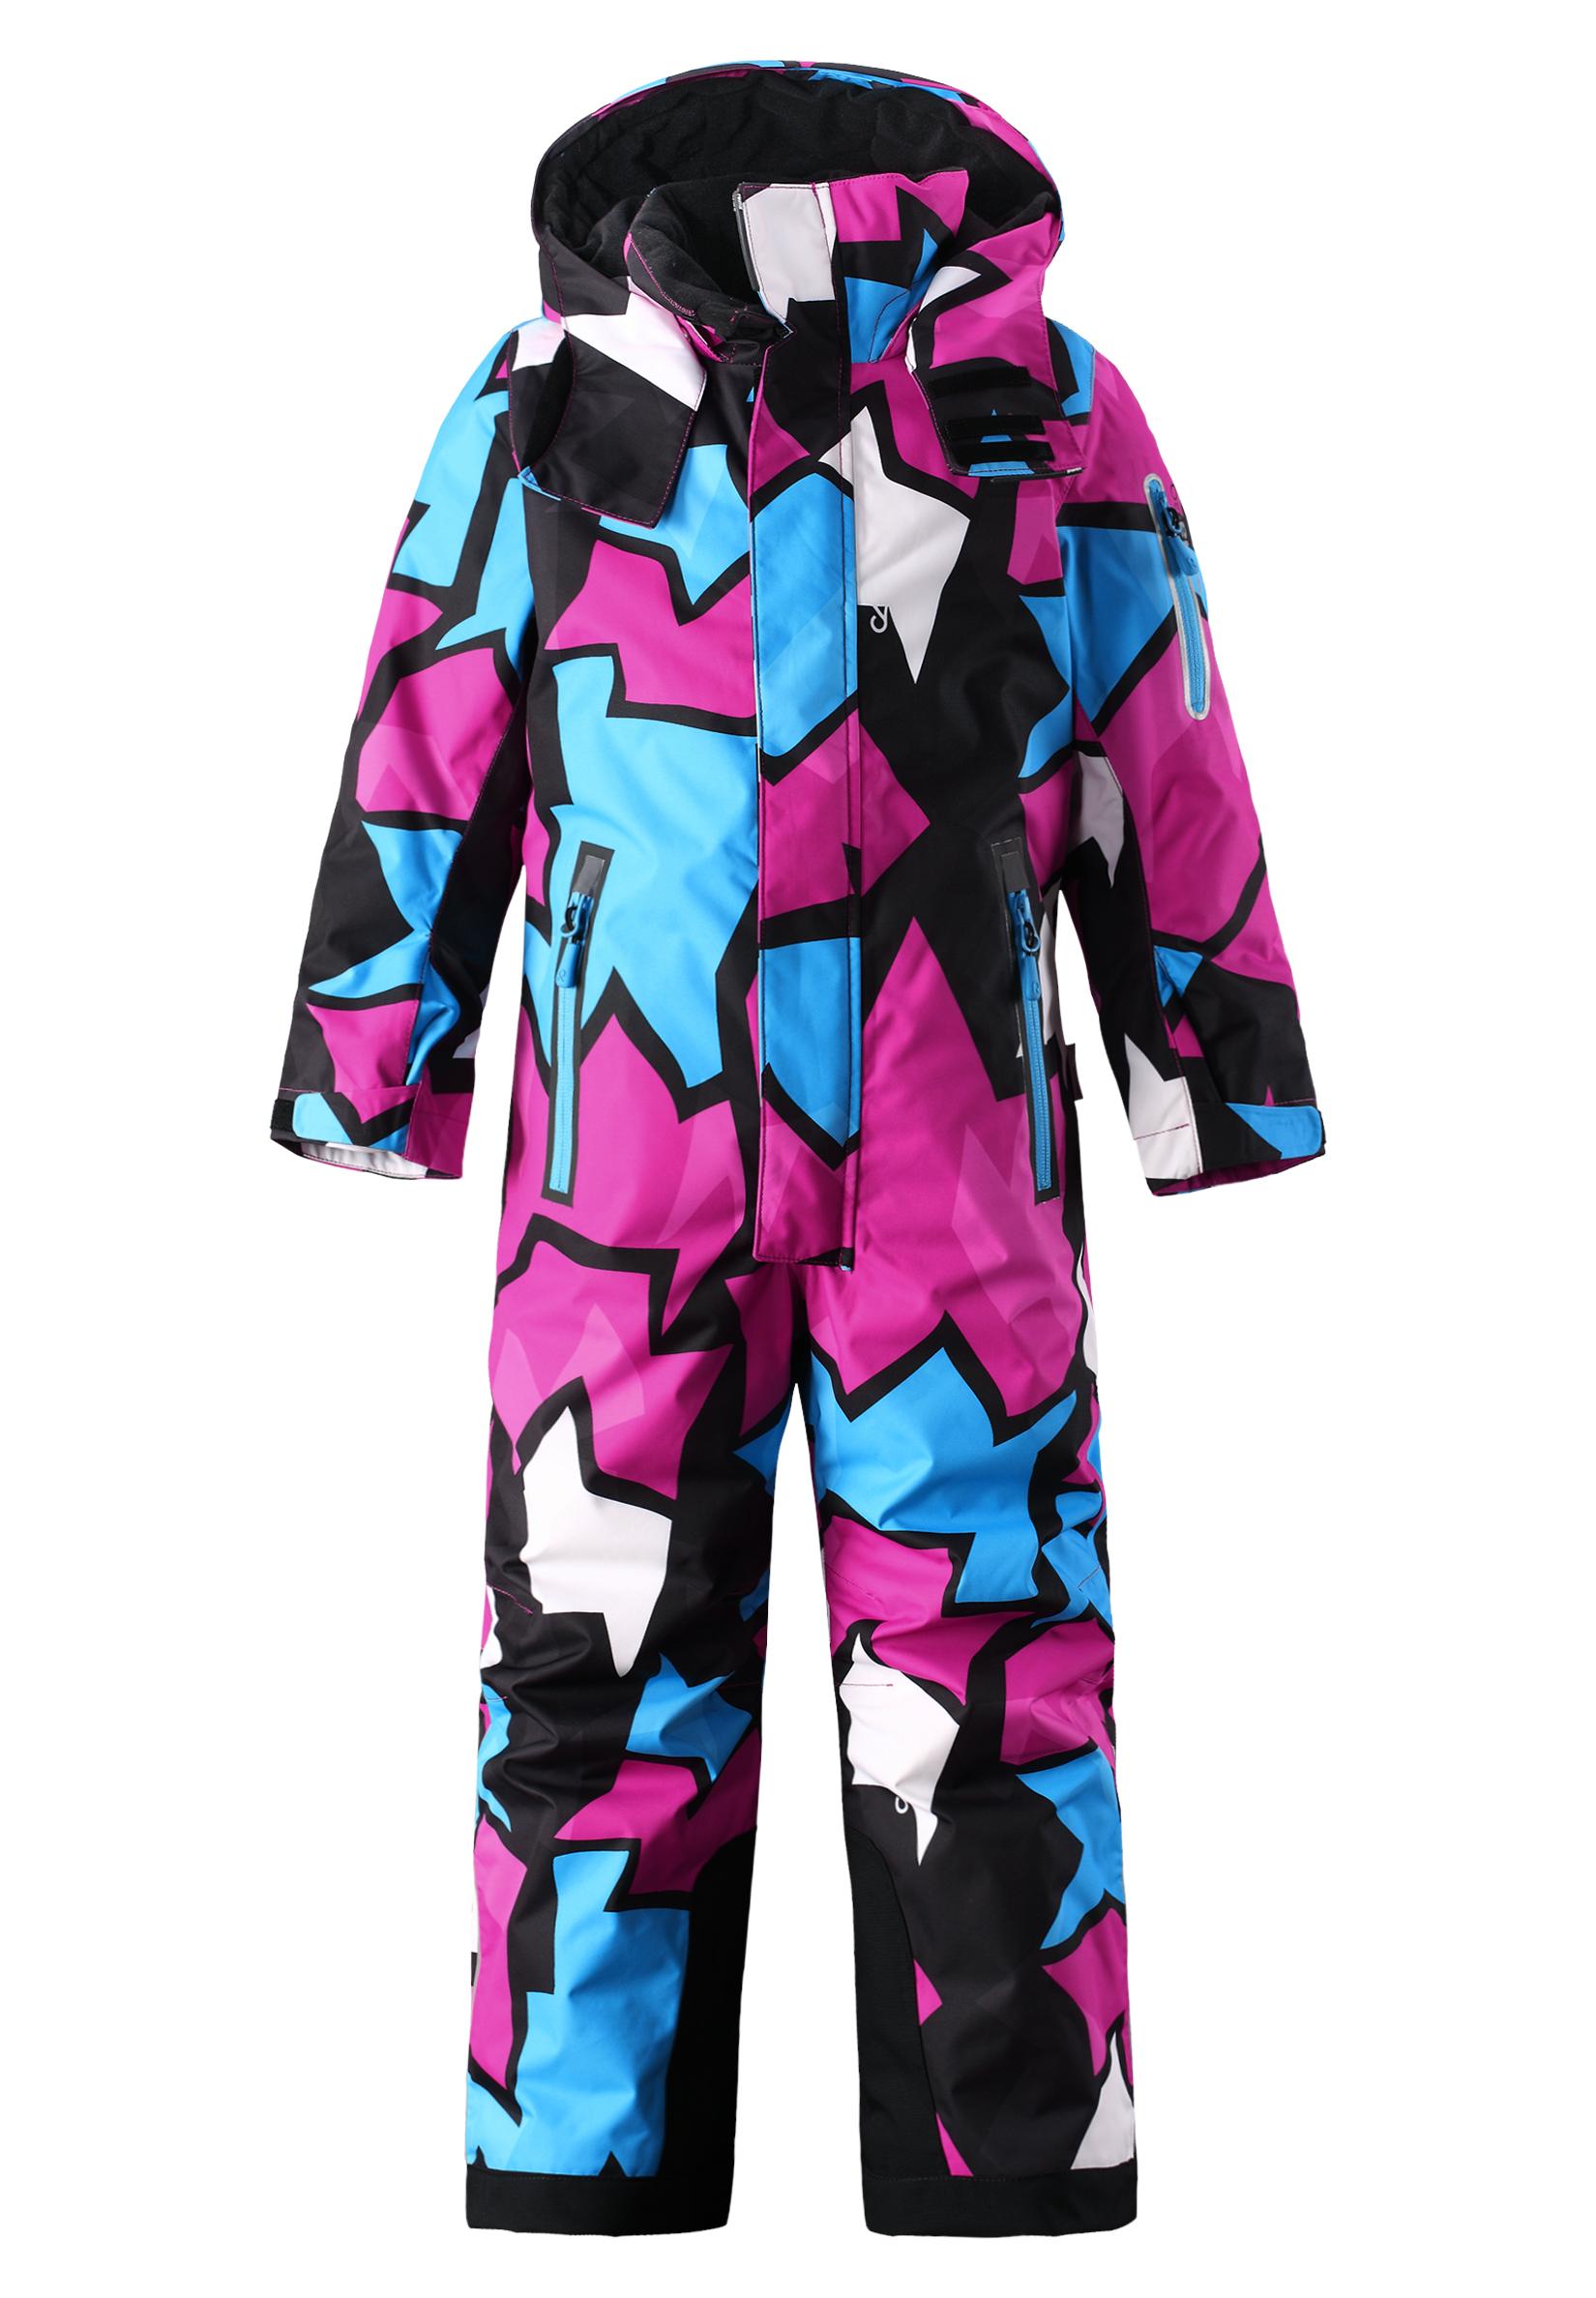 Комбинезон горнолыжный Reima 2016-17 REACH РОЗОВЫЙ Детская одежда 1269732  - купить со скидкой